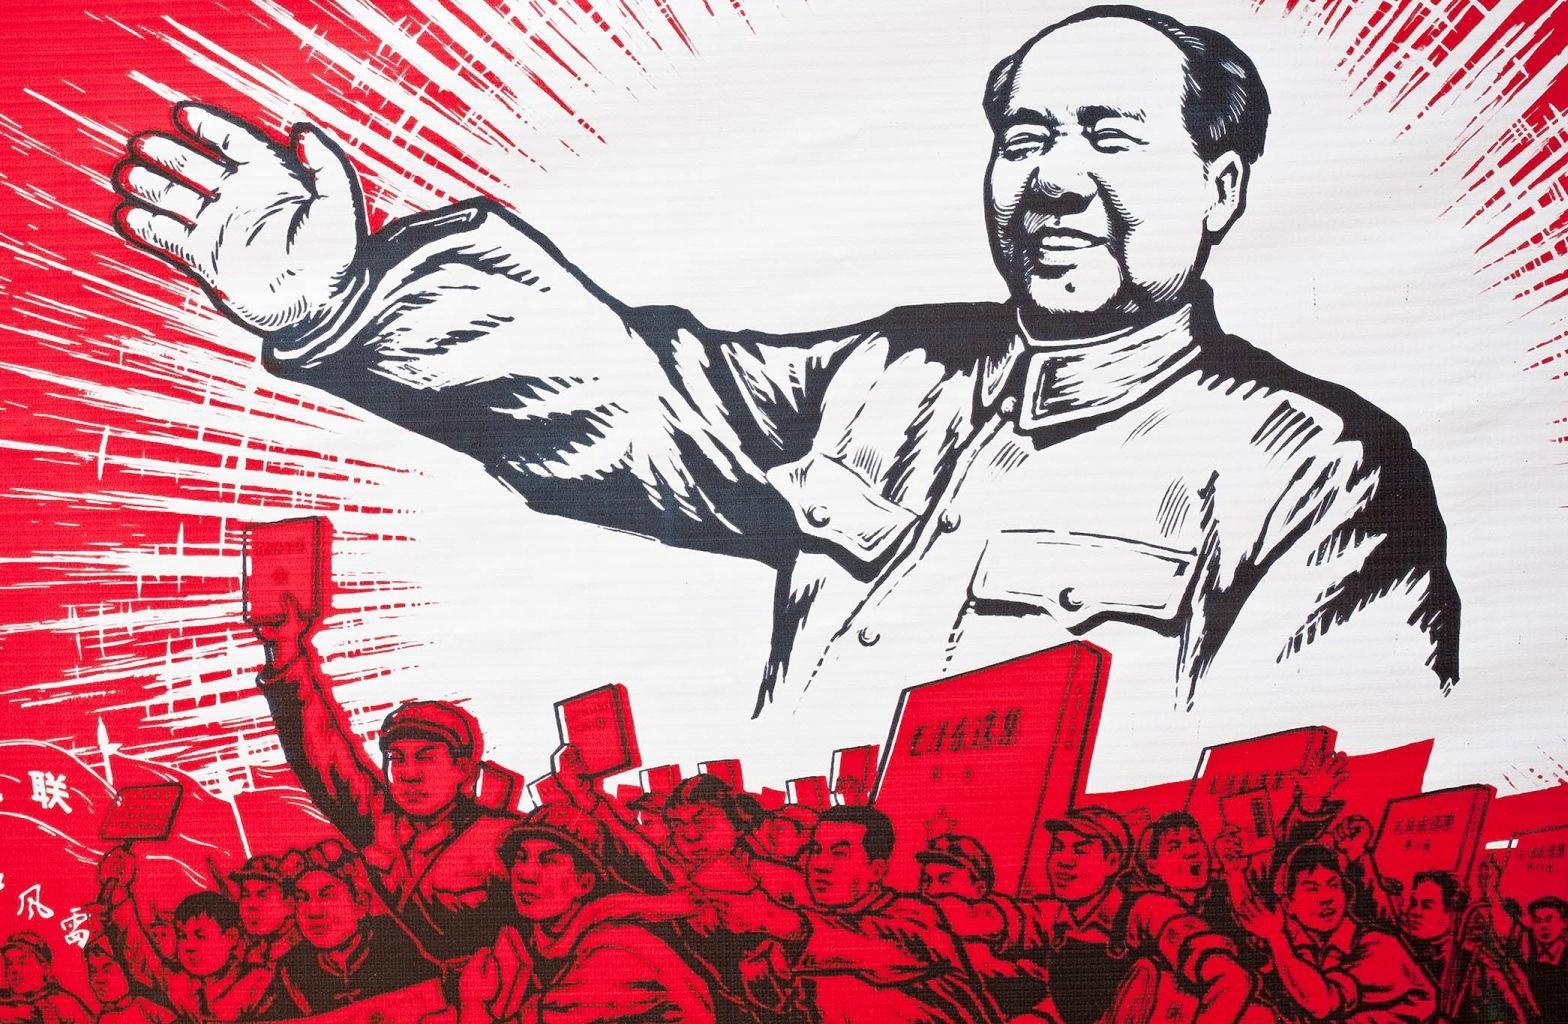 comunist